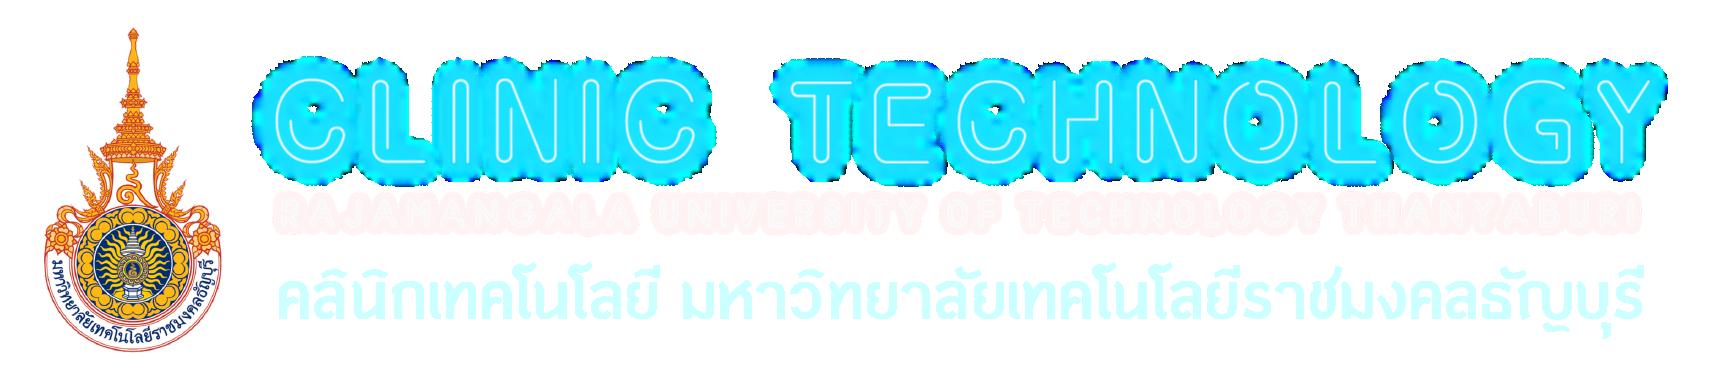 คลินิกเทคโนโลยี มหาวิทยาลัยเทคโนโลยีราชมงคลธัญบุรี